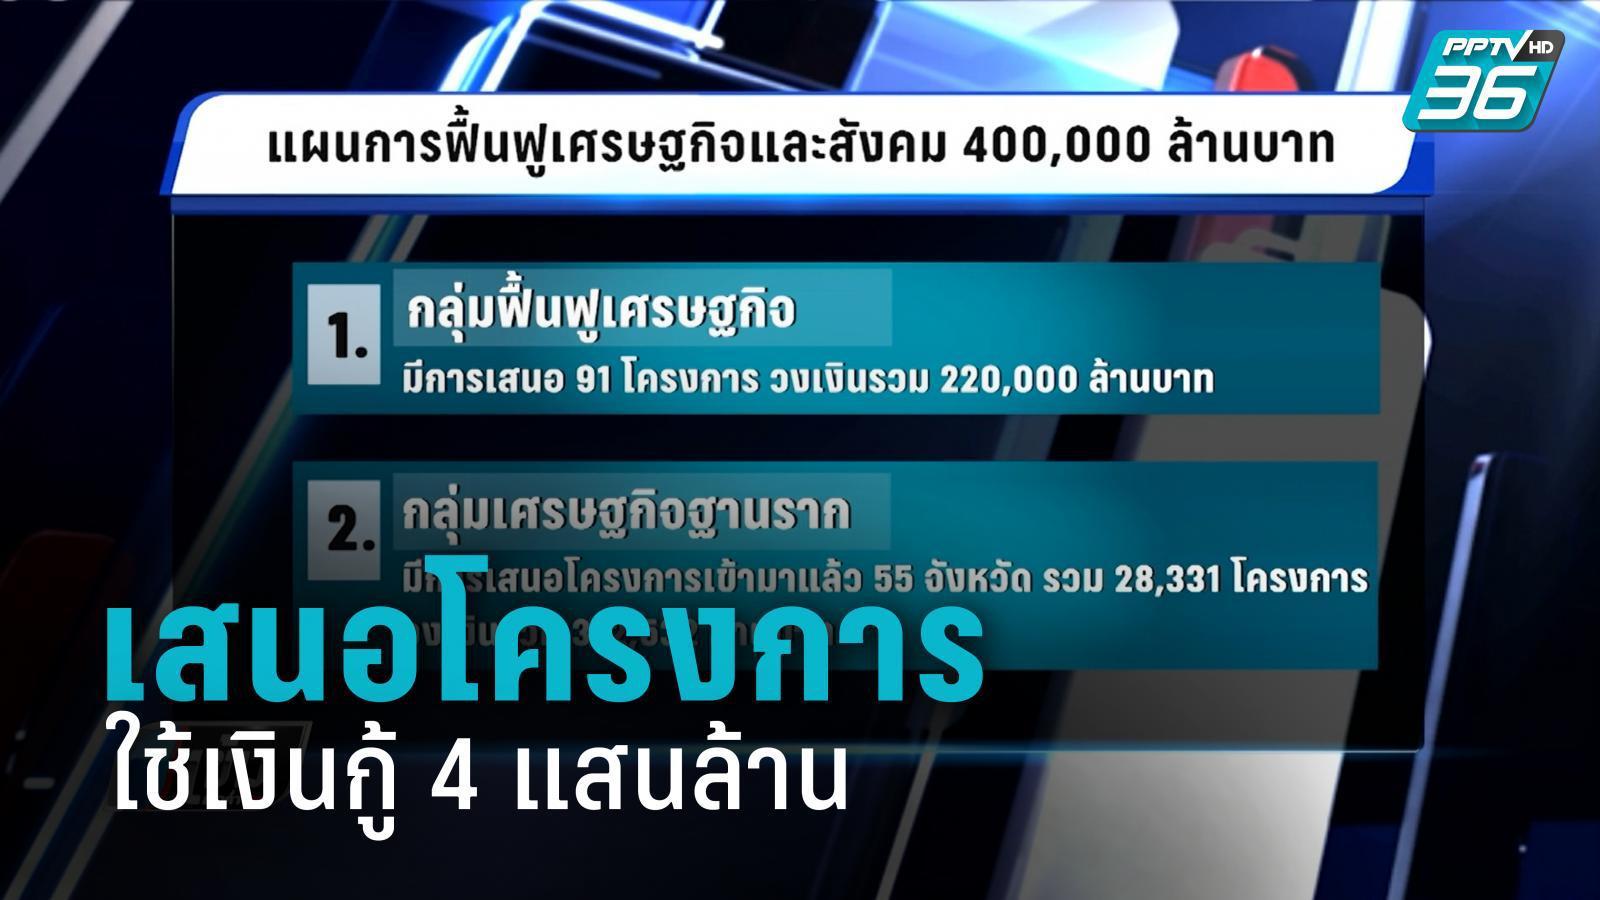 หน่วยงาน แห่เสนอกว่า 28,400 โครงการใช้เงินกู้ รวมวงเงินเกือบ 6 แสนล้าน